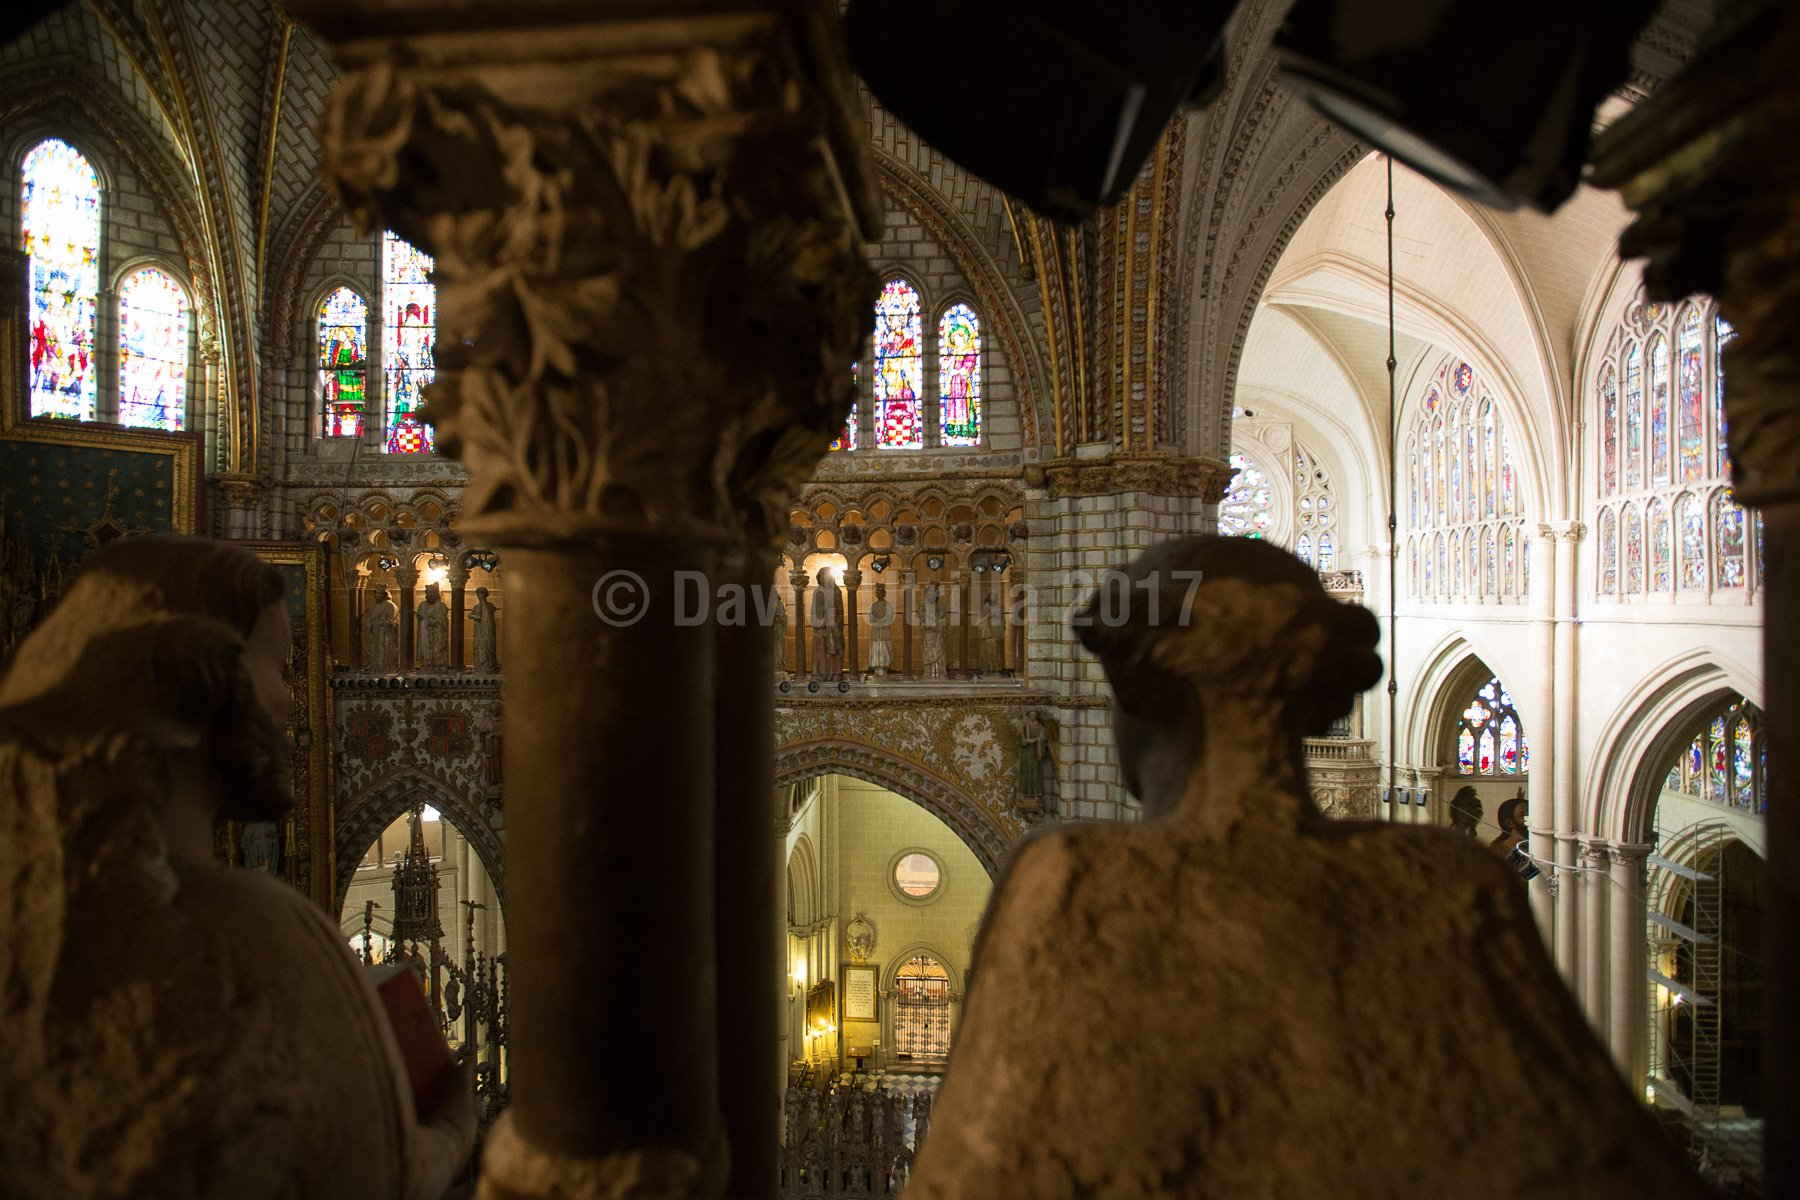 Caminando por el triforio de la Catedral de Toledo